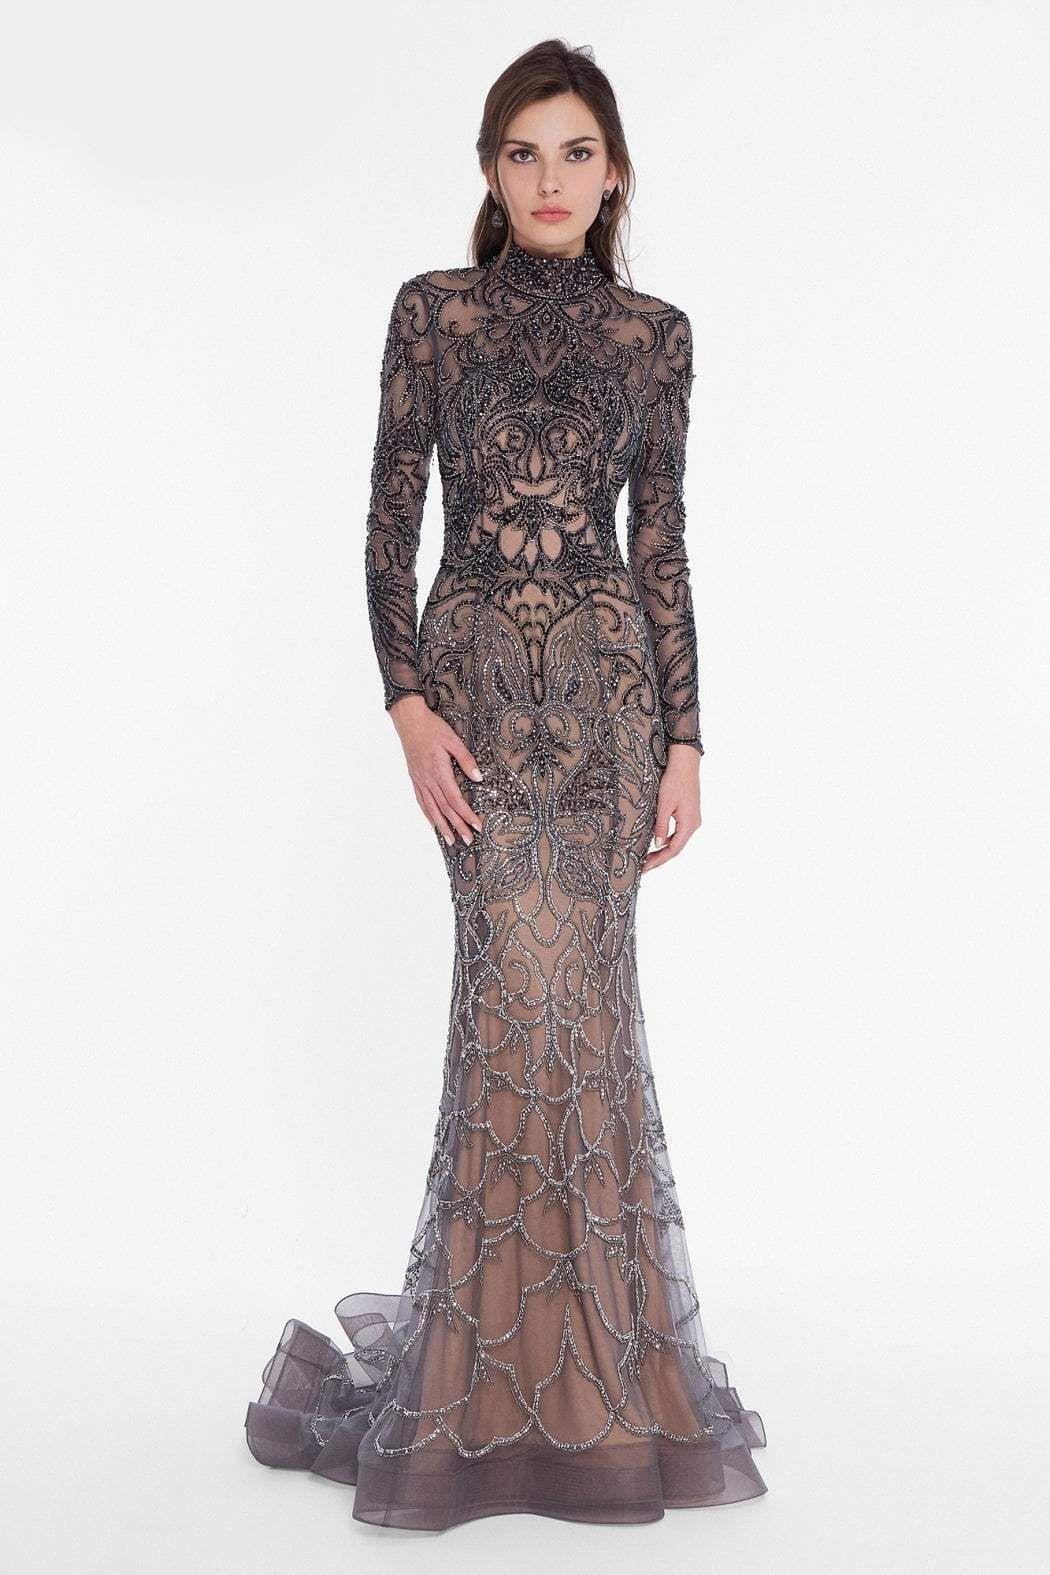 Leicht Terani Couture Abendkleid für 201917 Einfach Terani Couture Abendkleid Vertrieb